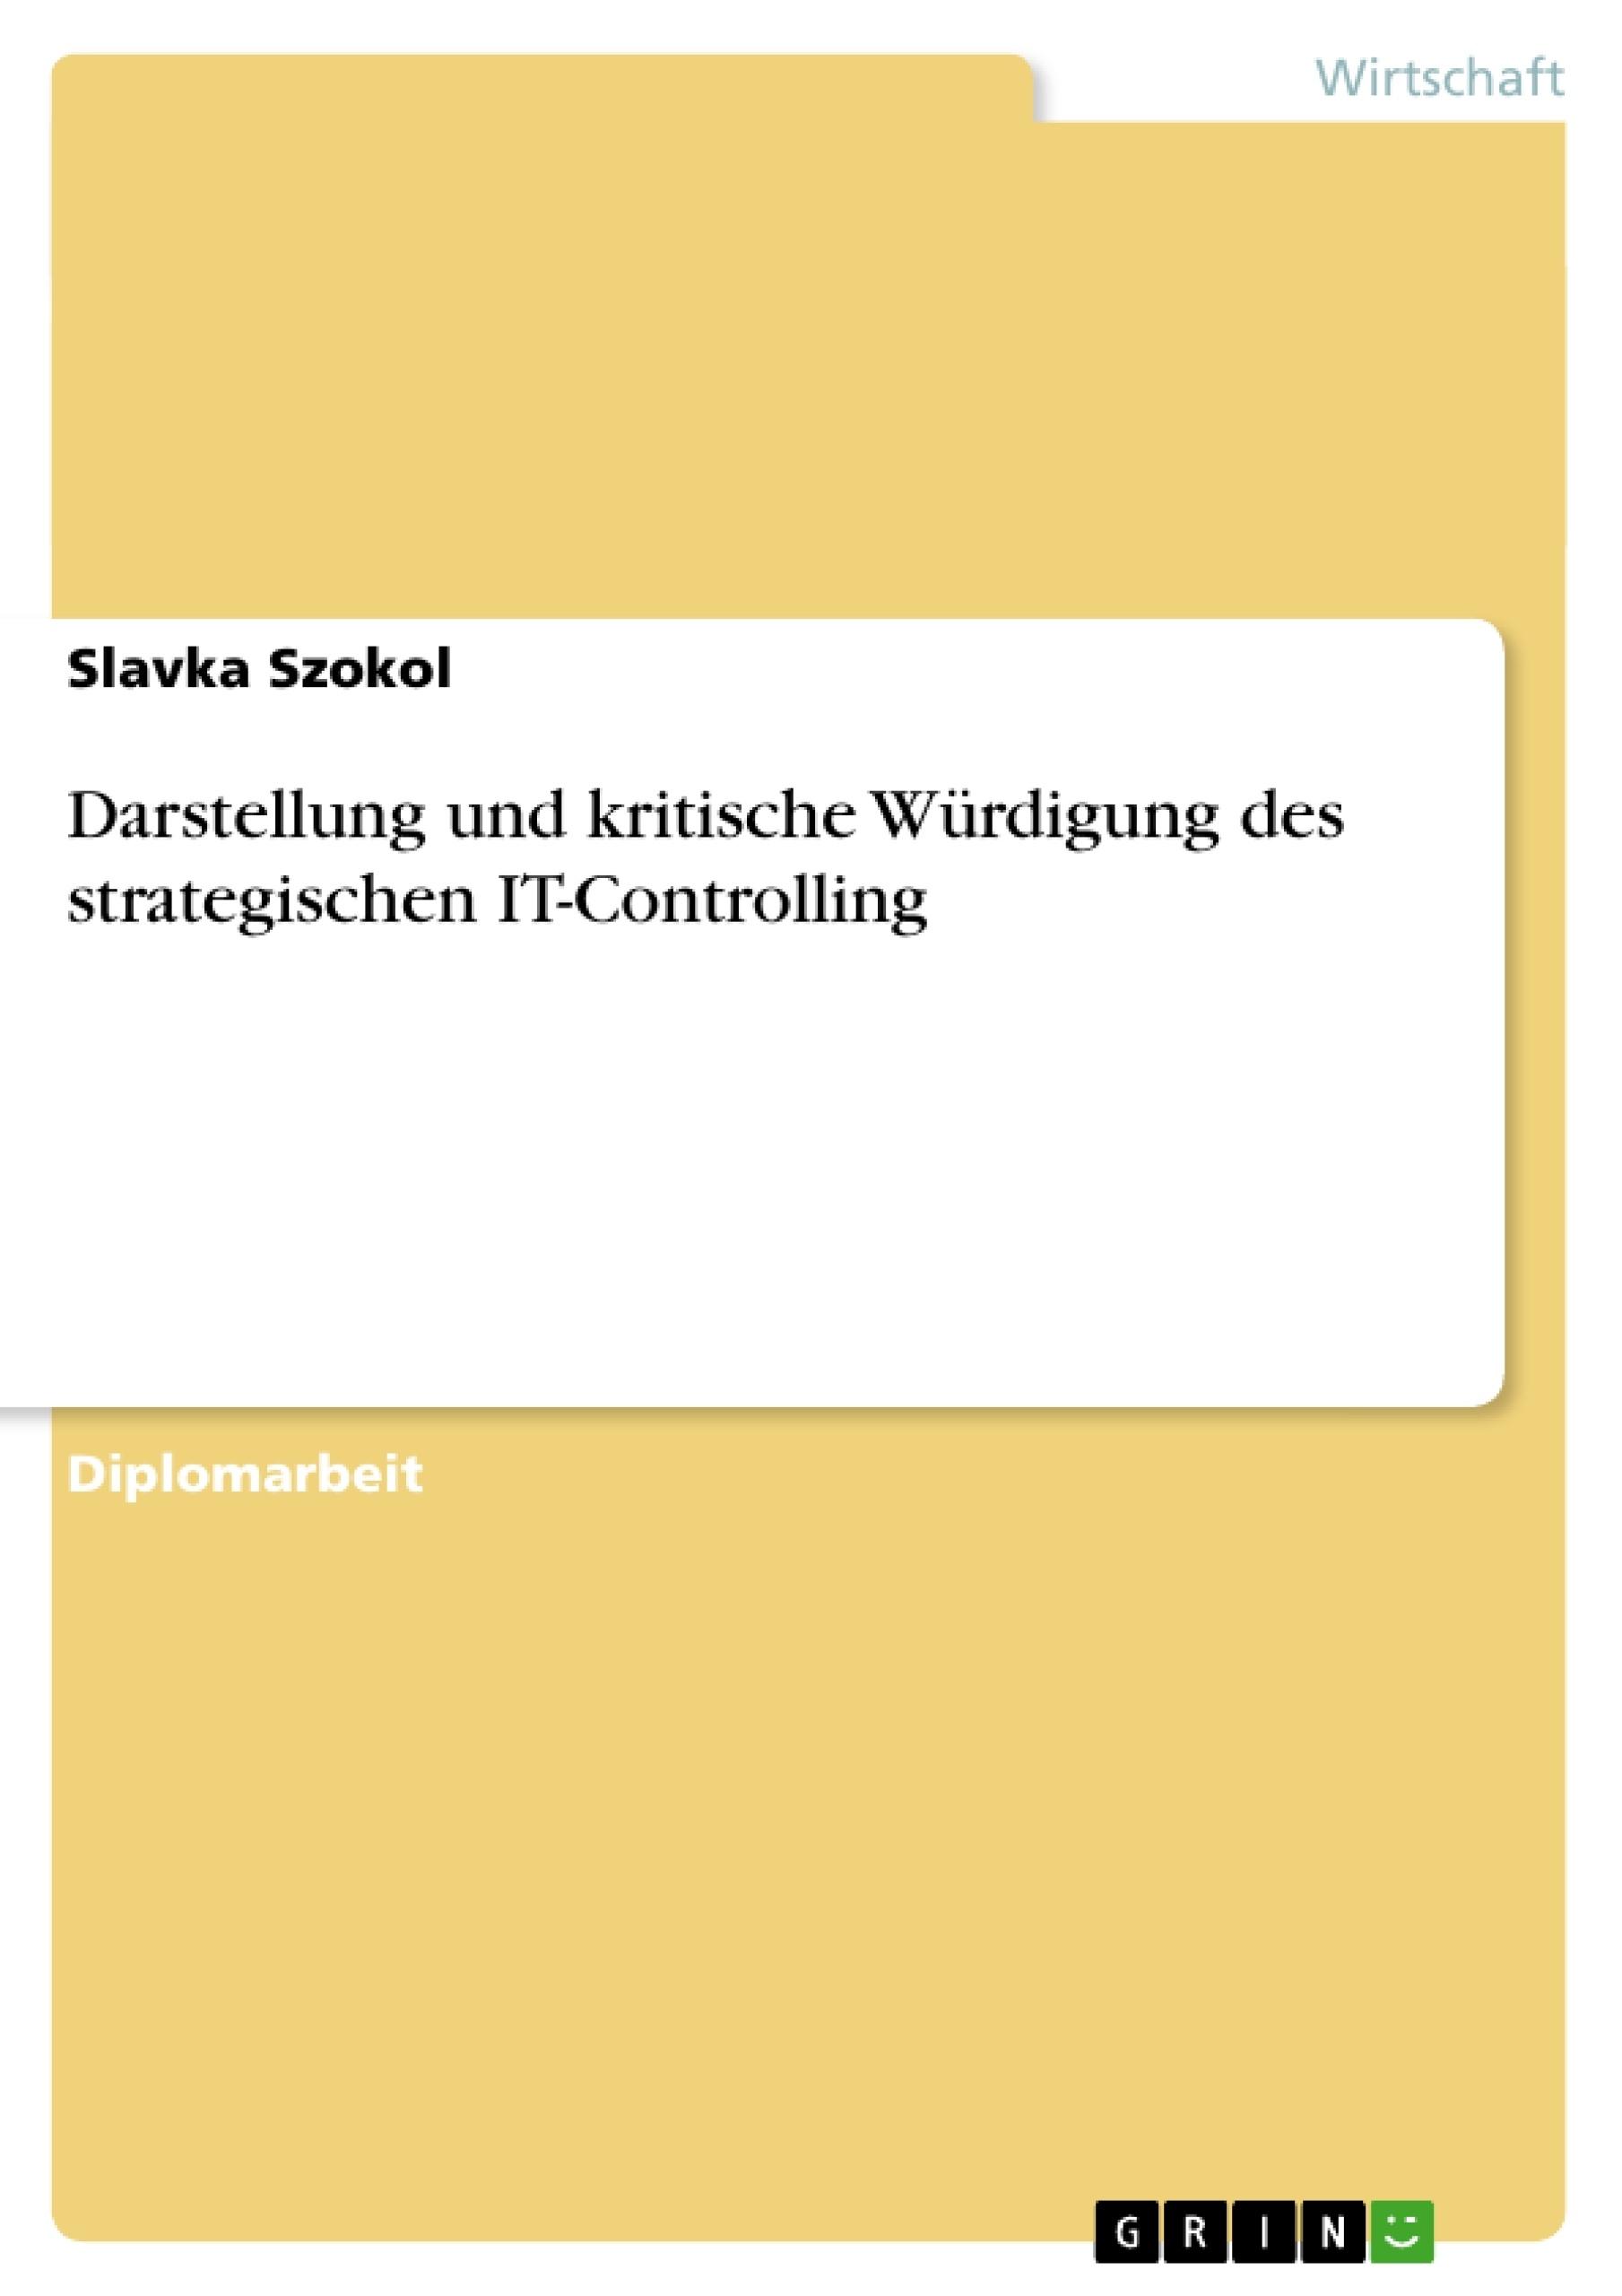 Titel: Darstellung und kritische Würdigung des strategischen IT-Controlling